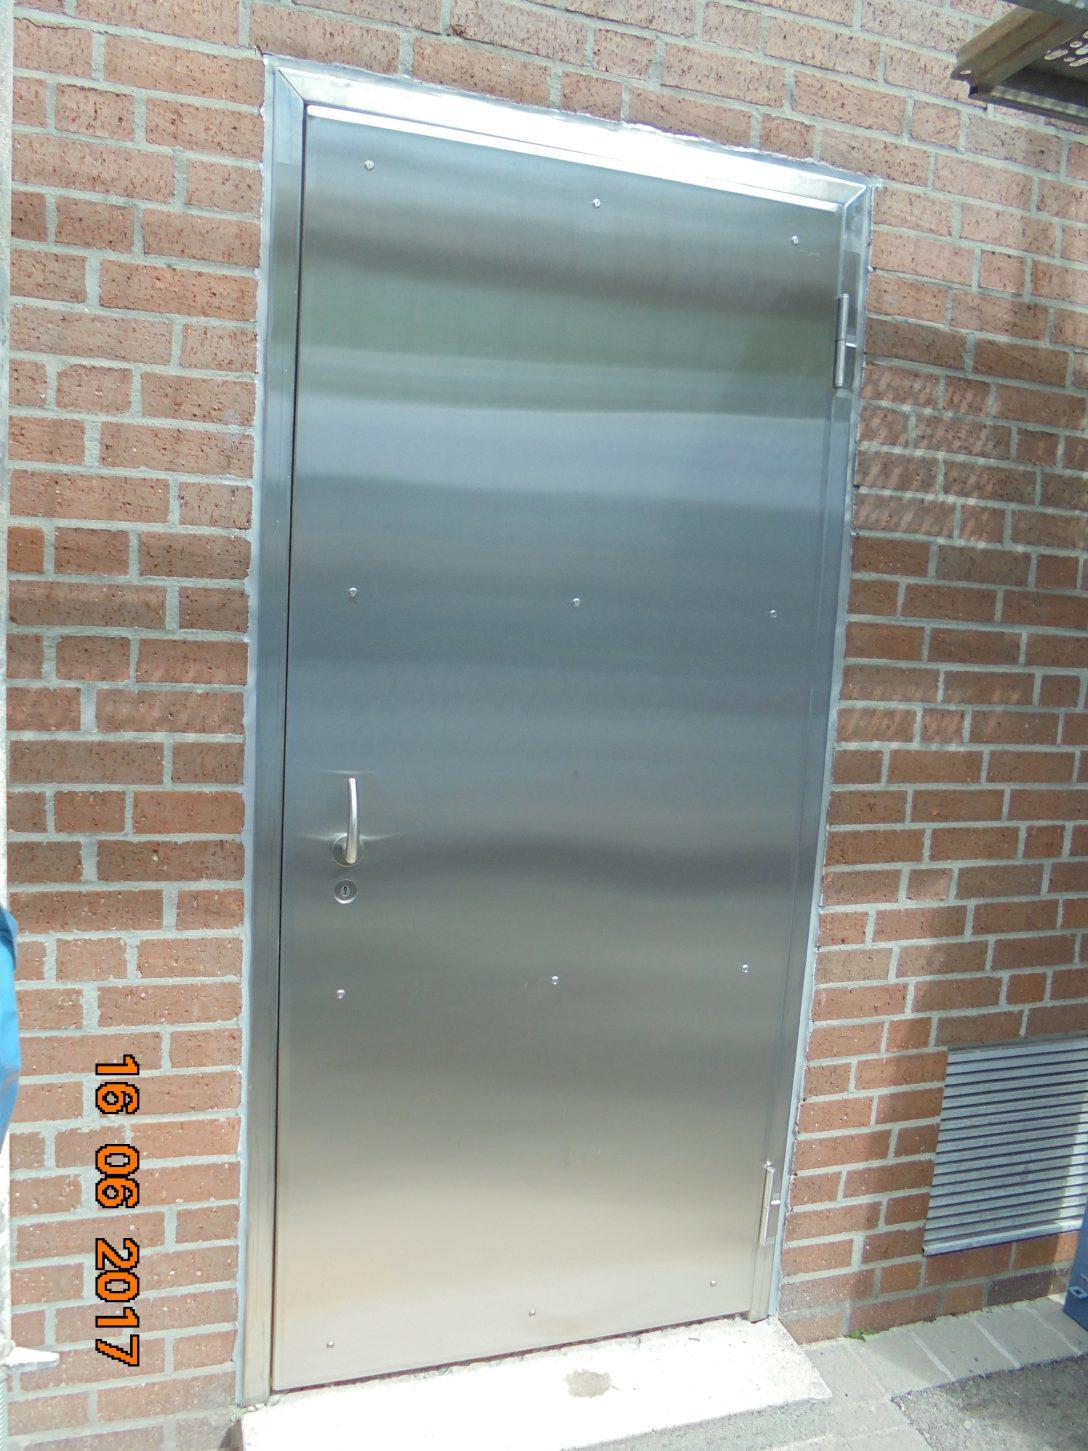 Large Size of Rc3 Tre Mit Blechaufdoppelung Elementbau Glogger Fenster Tauschen Klebefolie Für Bauhaus Velux Einbauen Köln Meeth Erneuern Kosten Dampfreiniger Fenster Rc3 Fenster